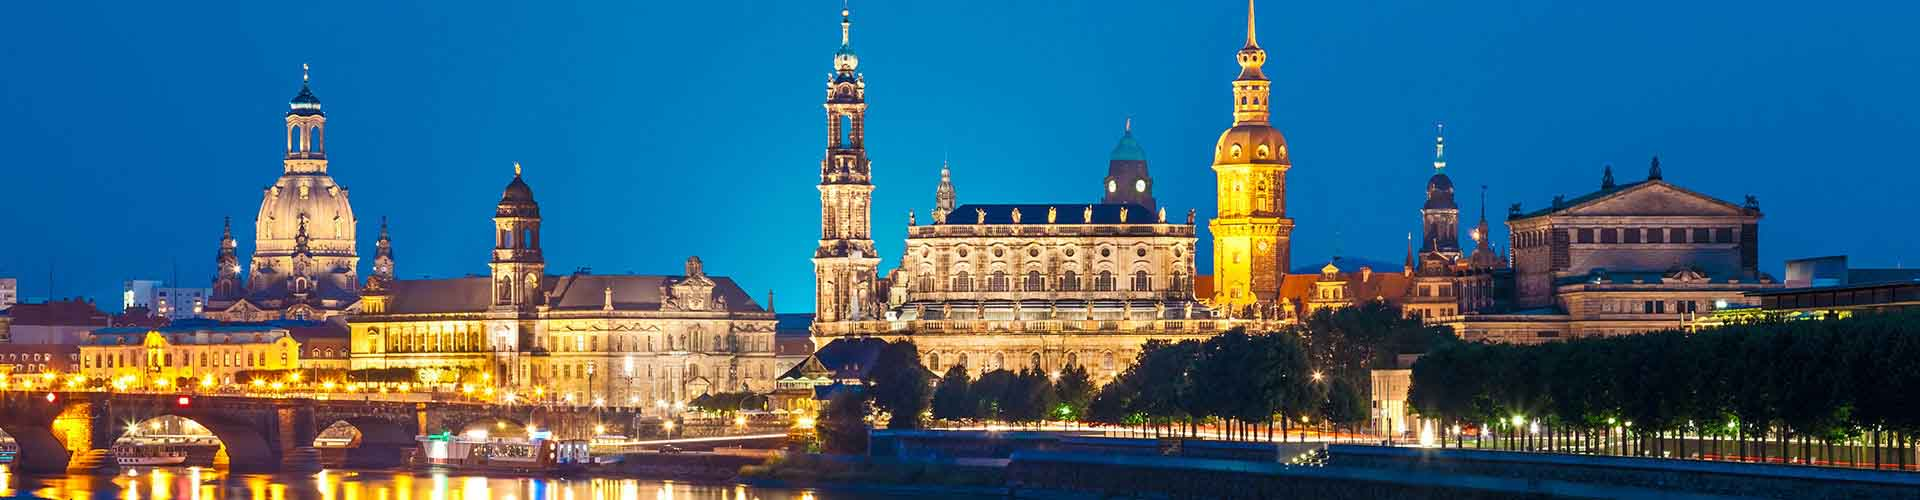 Dresde - Campamentos en el distrito Plauen. Mapas de Dresde, Fotos y comentarios de cada Campamento en Dresde.